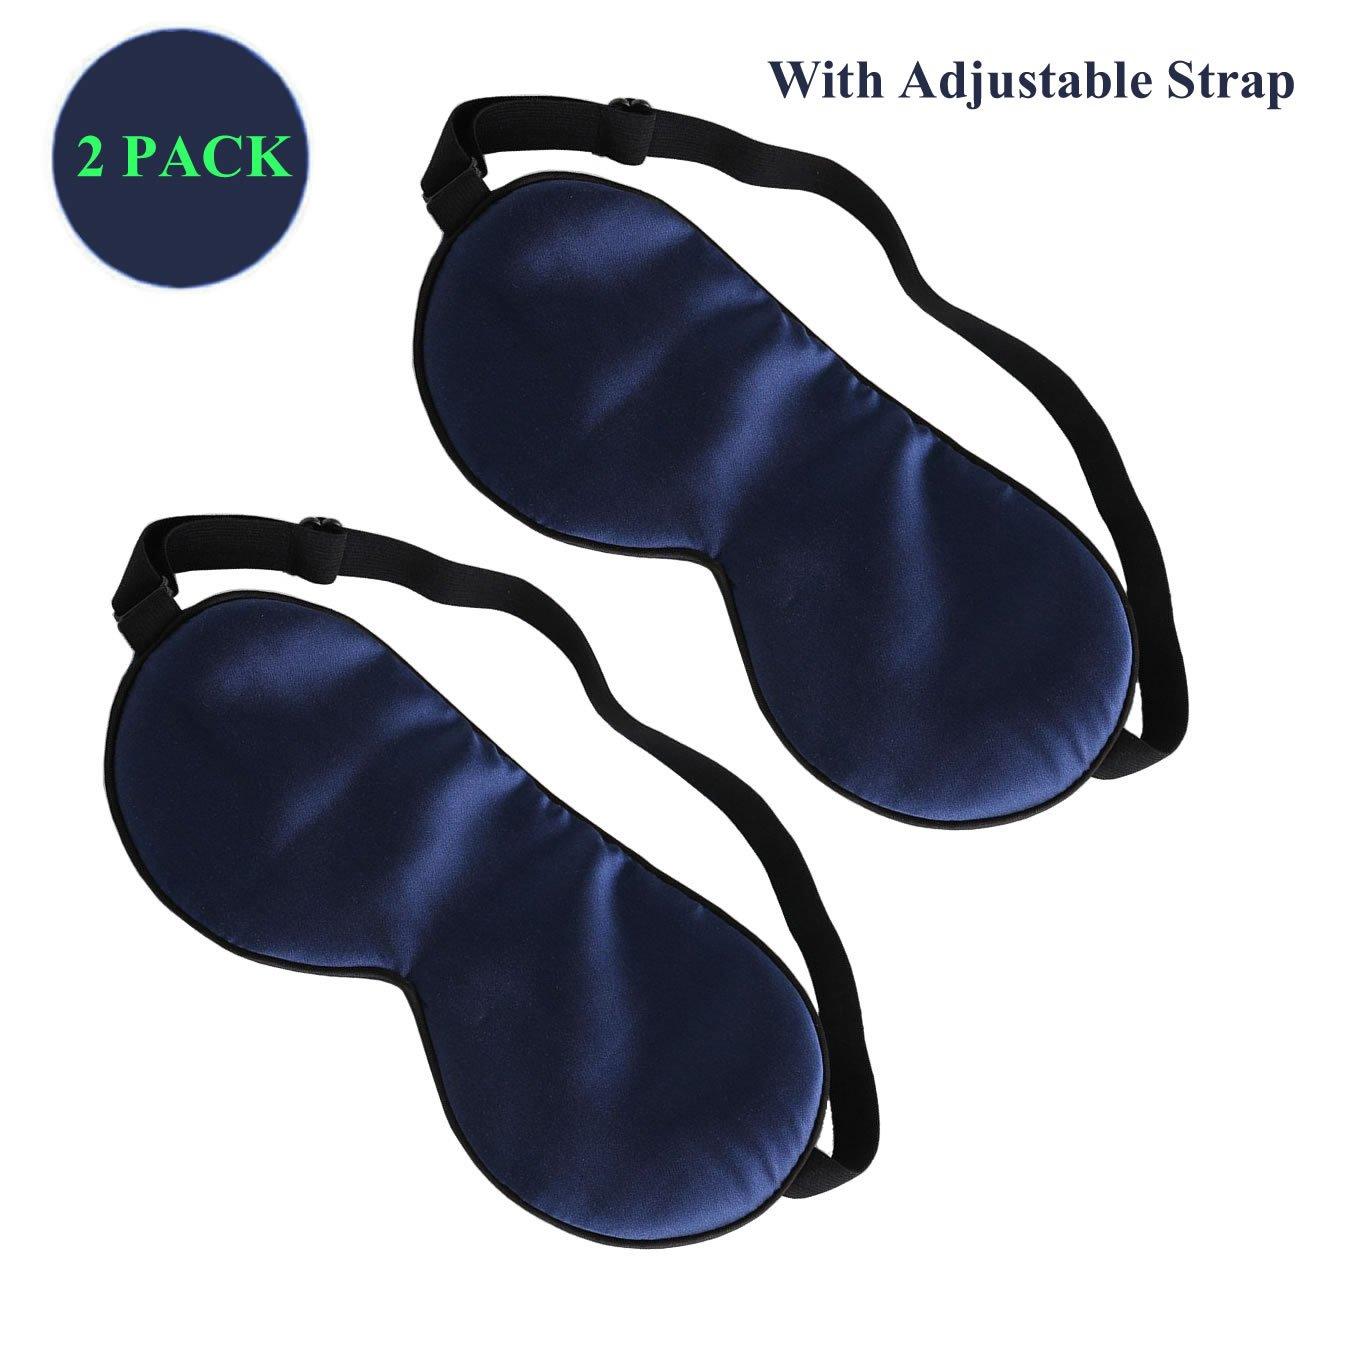 デュアルサーフェスシルクファブリックスーパーソフトシルク滑らかなスリープマスク、目マスク、調節可能なストラップ付き; Works with every Nap位置オフィス、寝室、Sleeping Aid – ブルー B07C2M3J8L